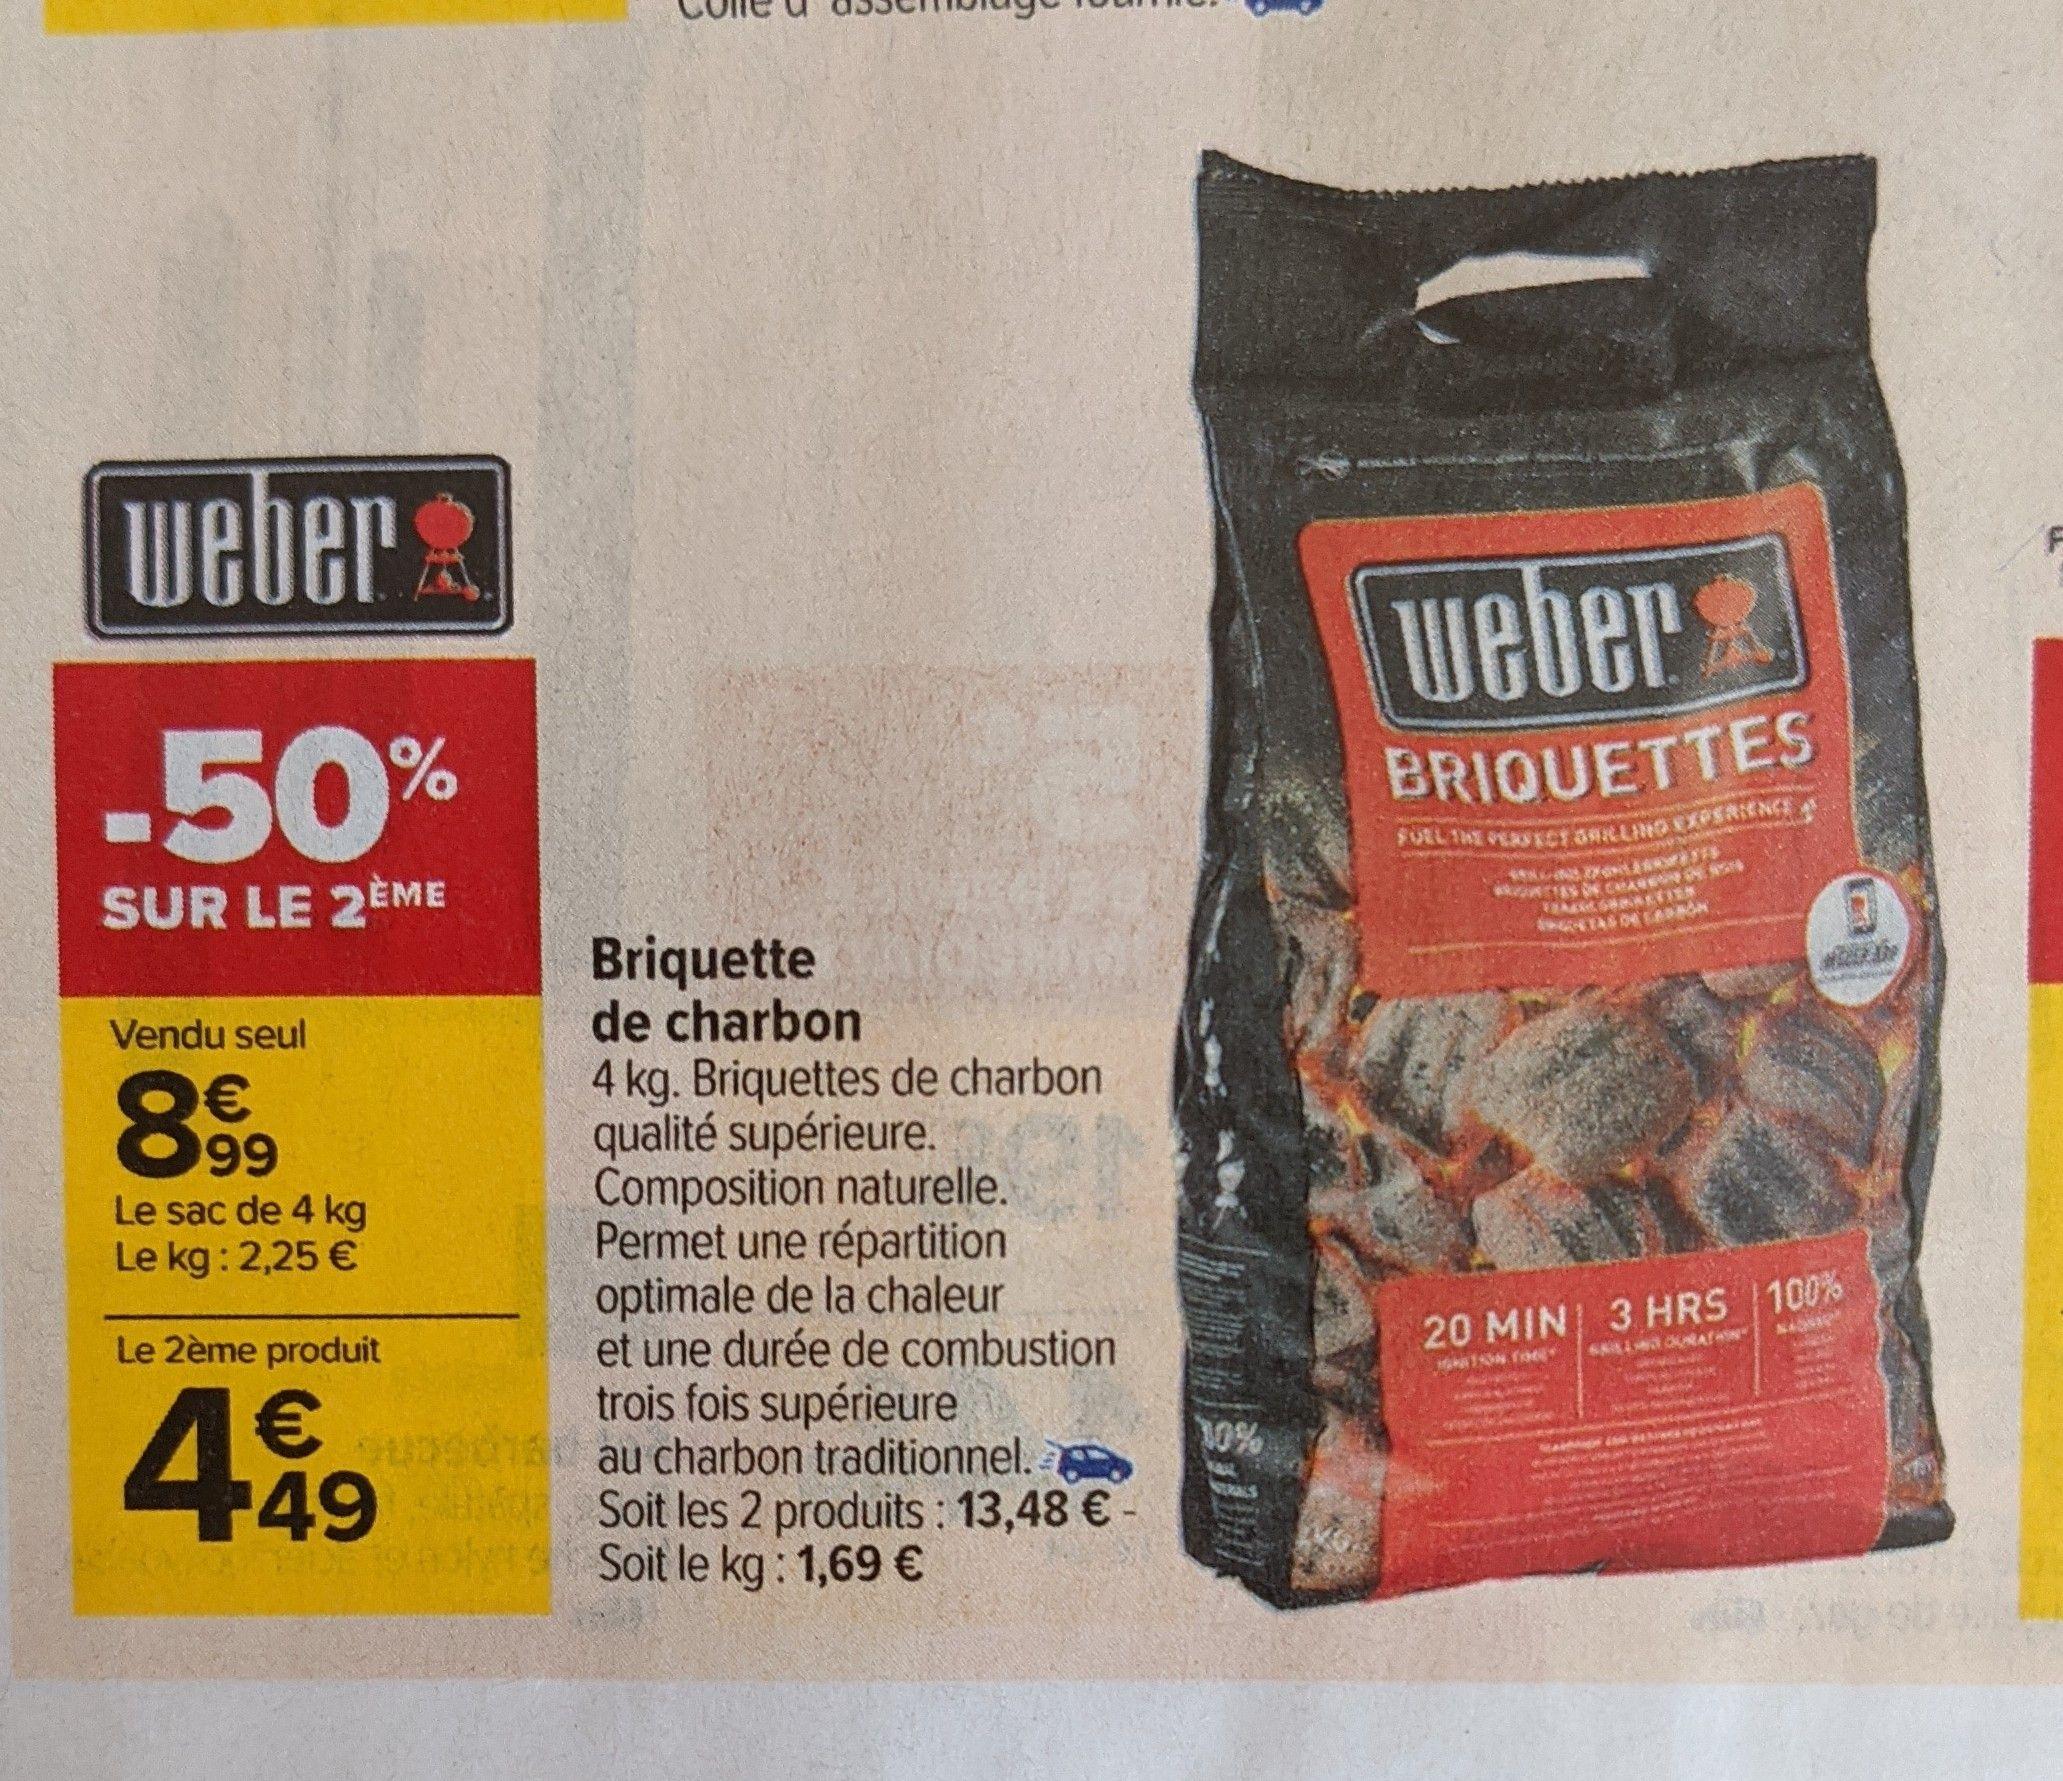 2 Sacs de briquettes de 4 kg de charbon de bois Weber